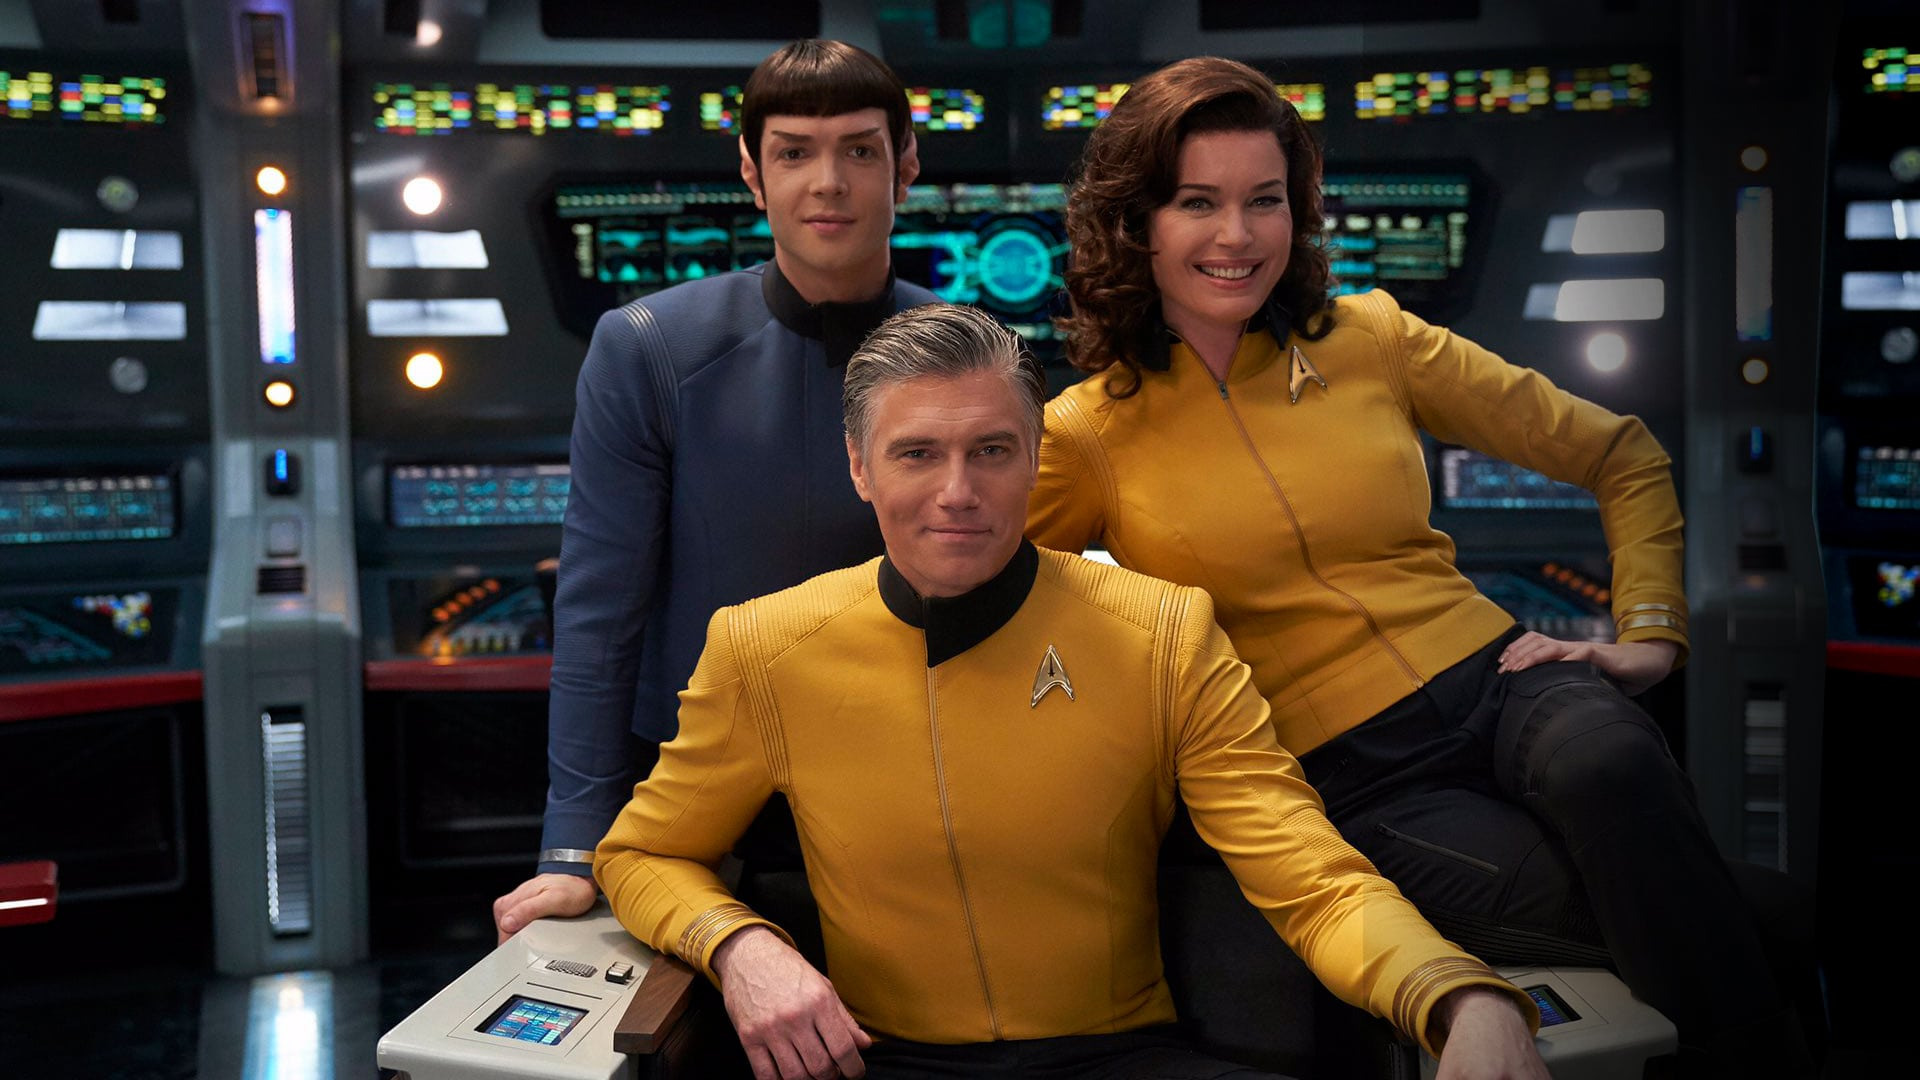 Show Star Trek: Strange New Worlds